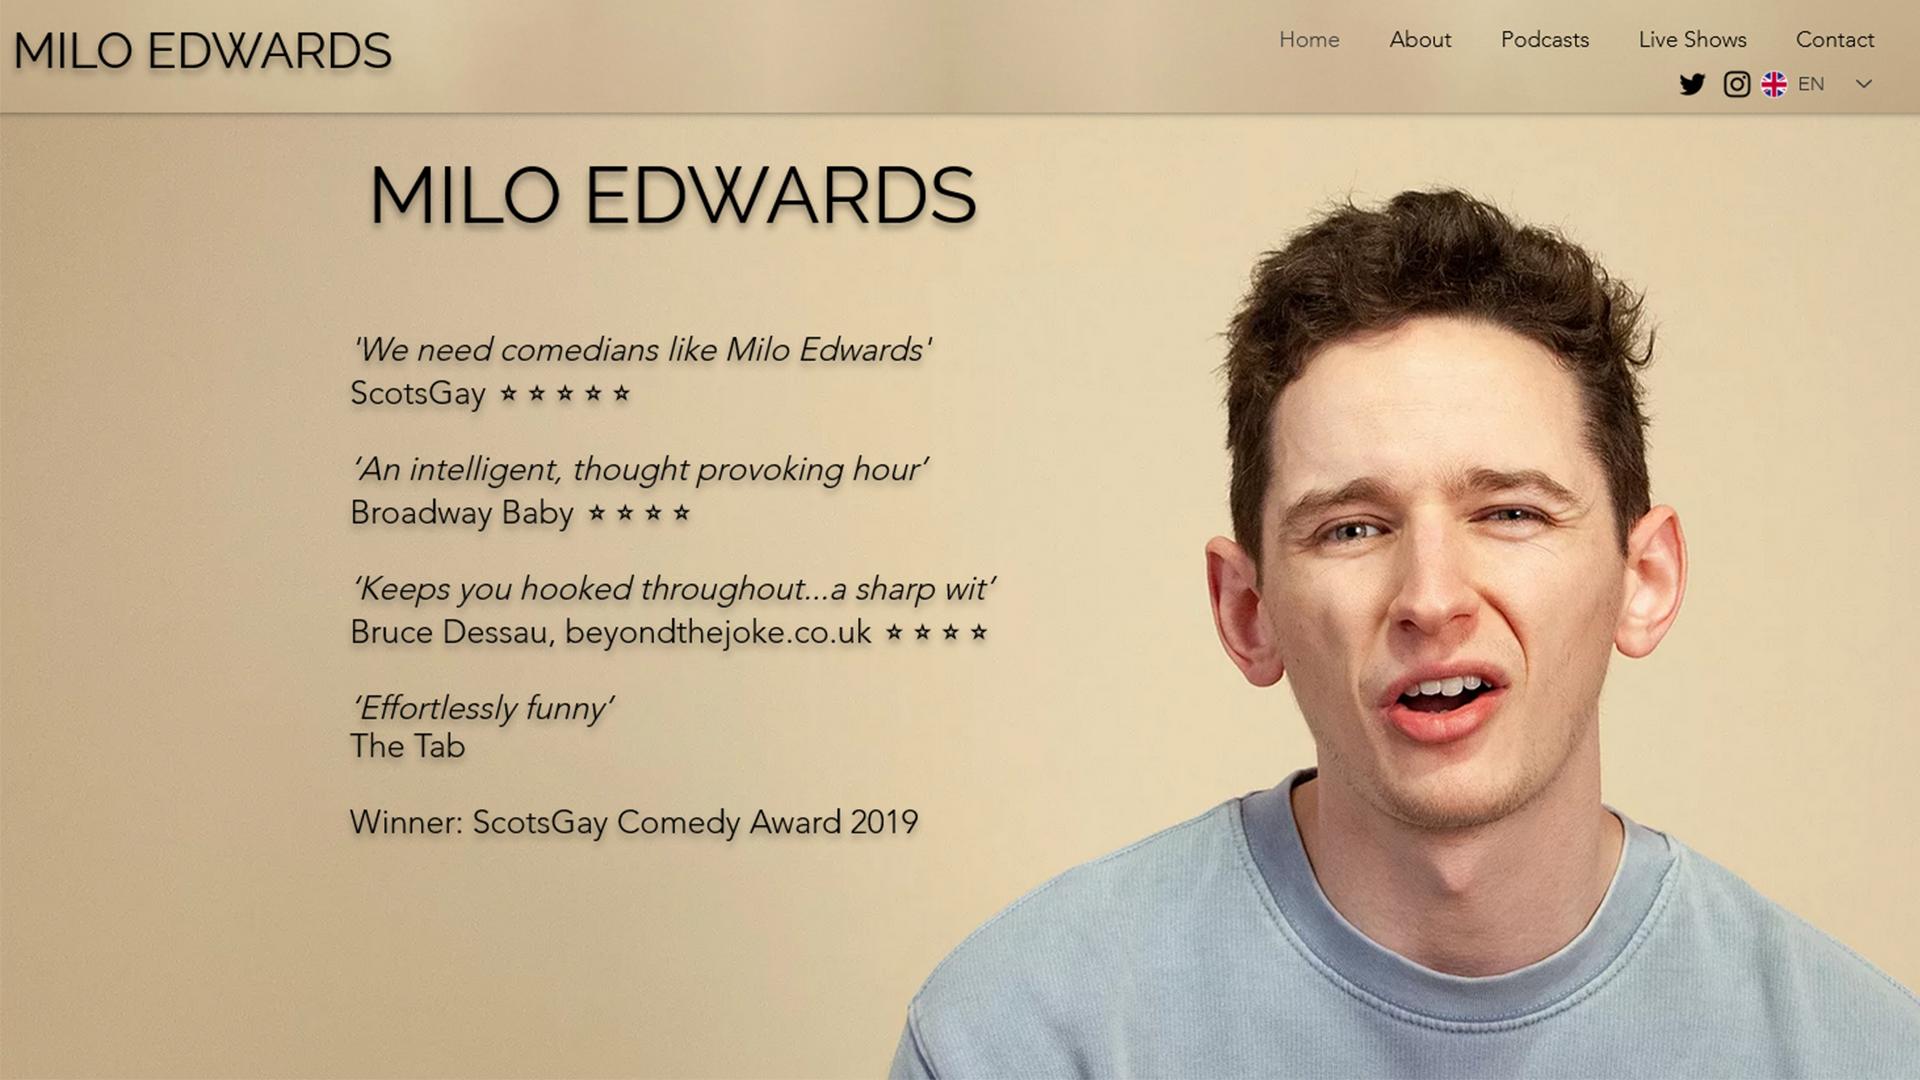 Milo Edwards